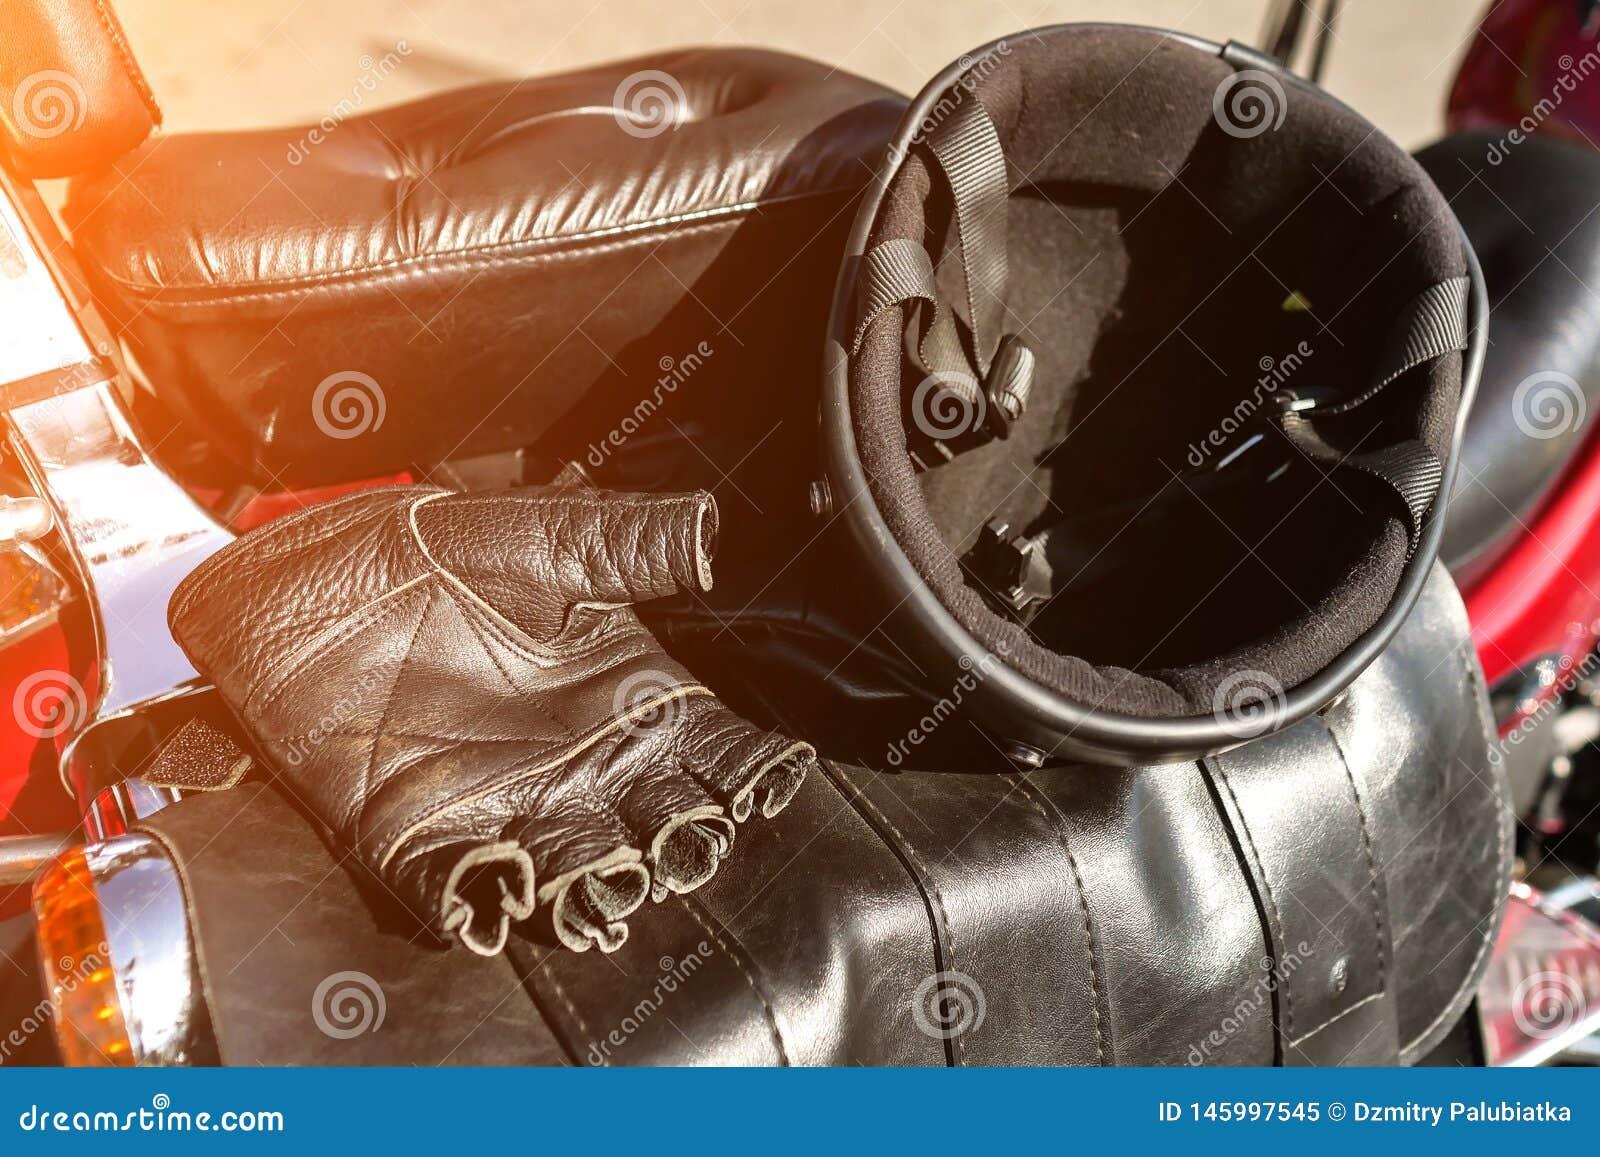 Hjälmen och handskar är på platsen av motorcykeln